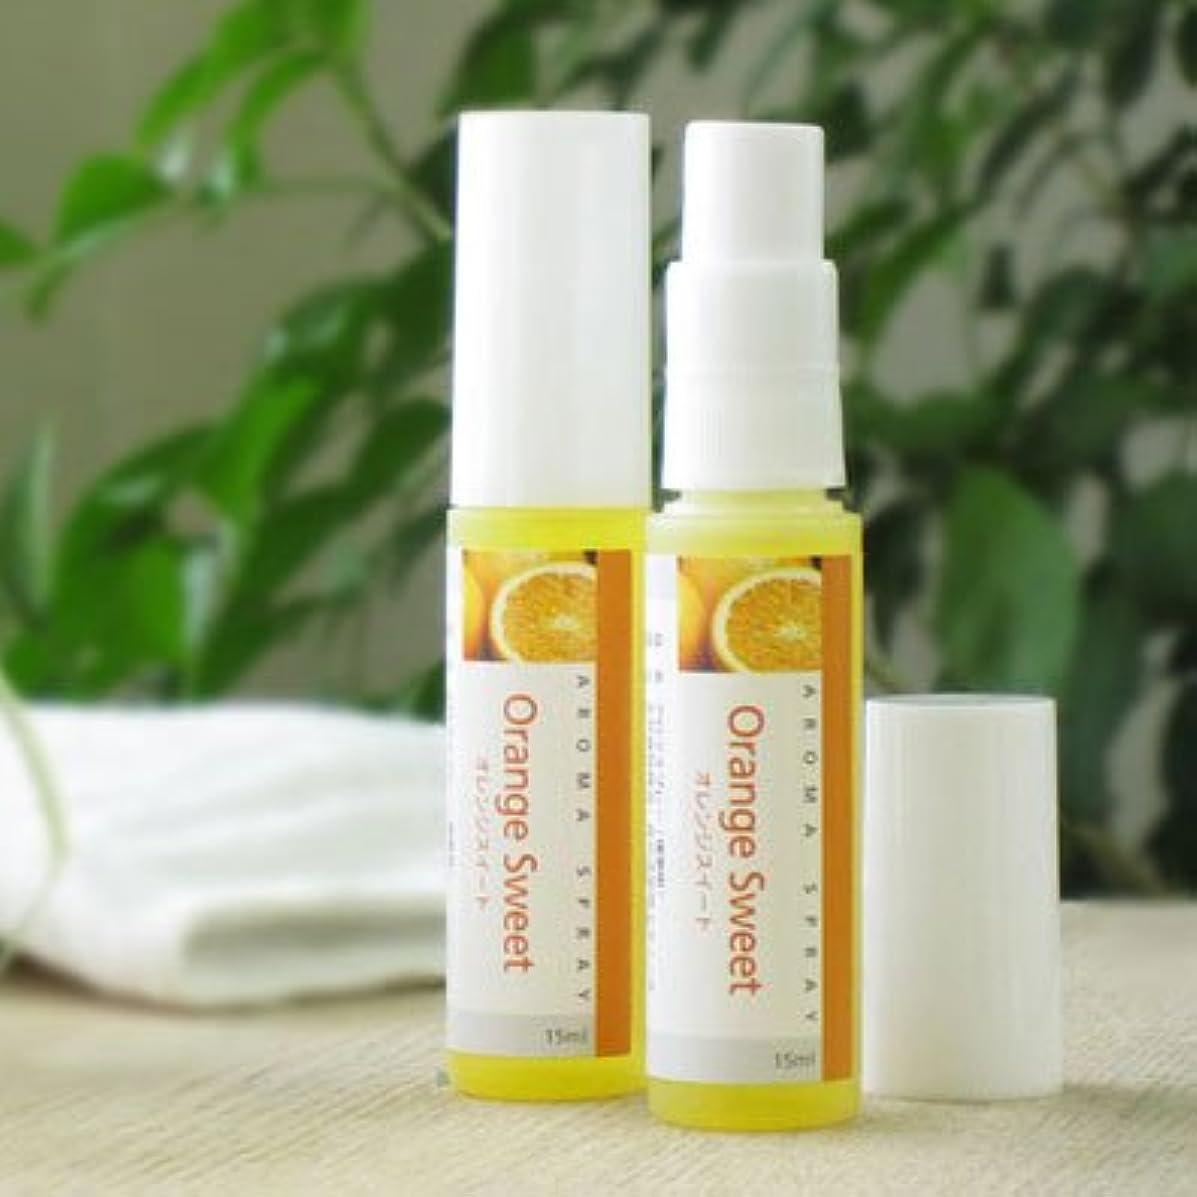 レンズ効率的に飲み込む天然の香りのアロマスプレー【オレンジ】15ml ミニボトル